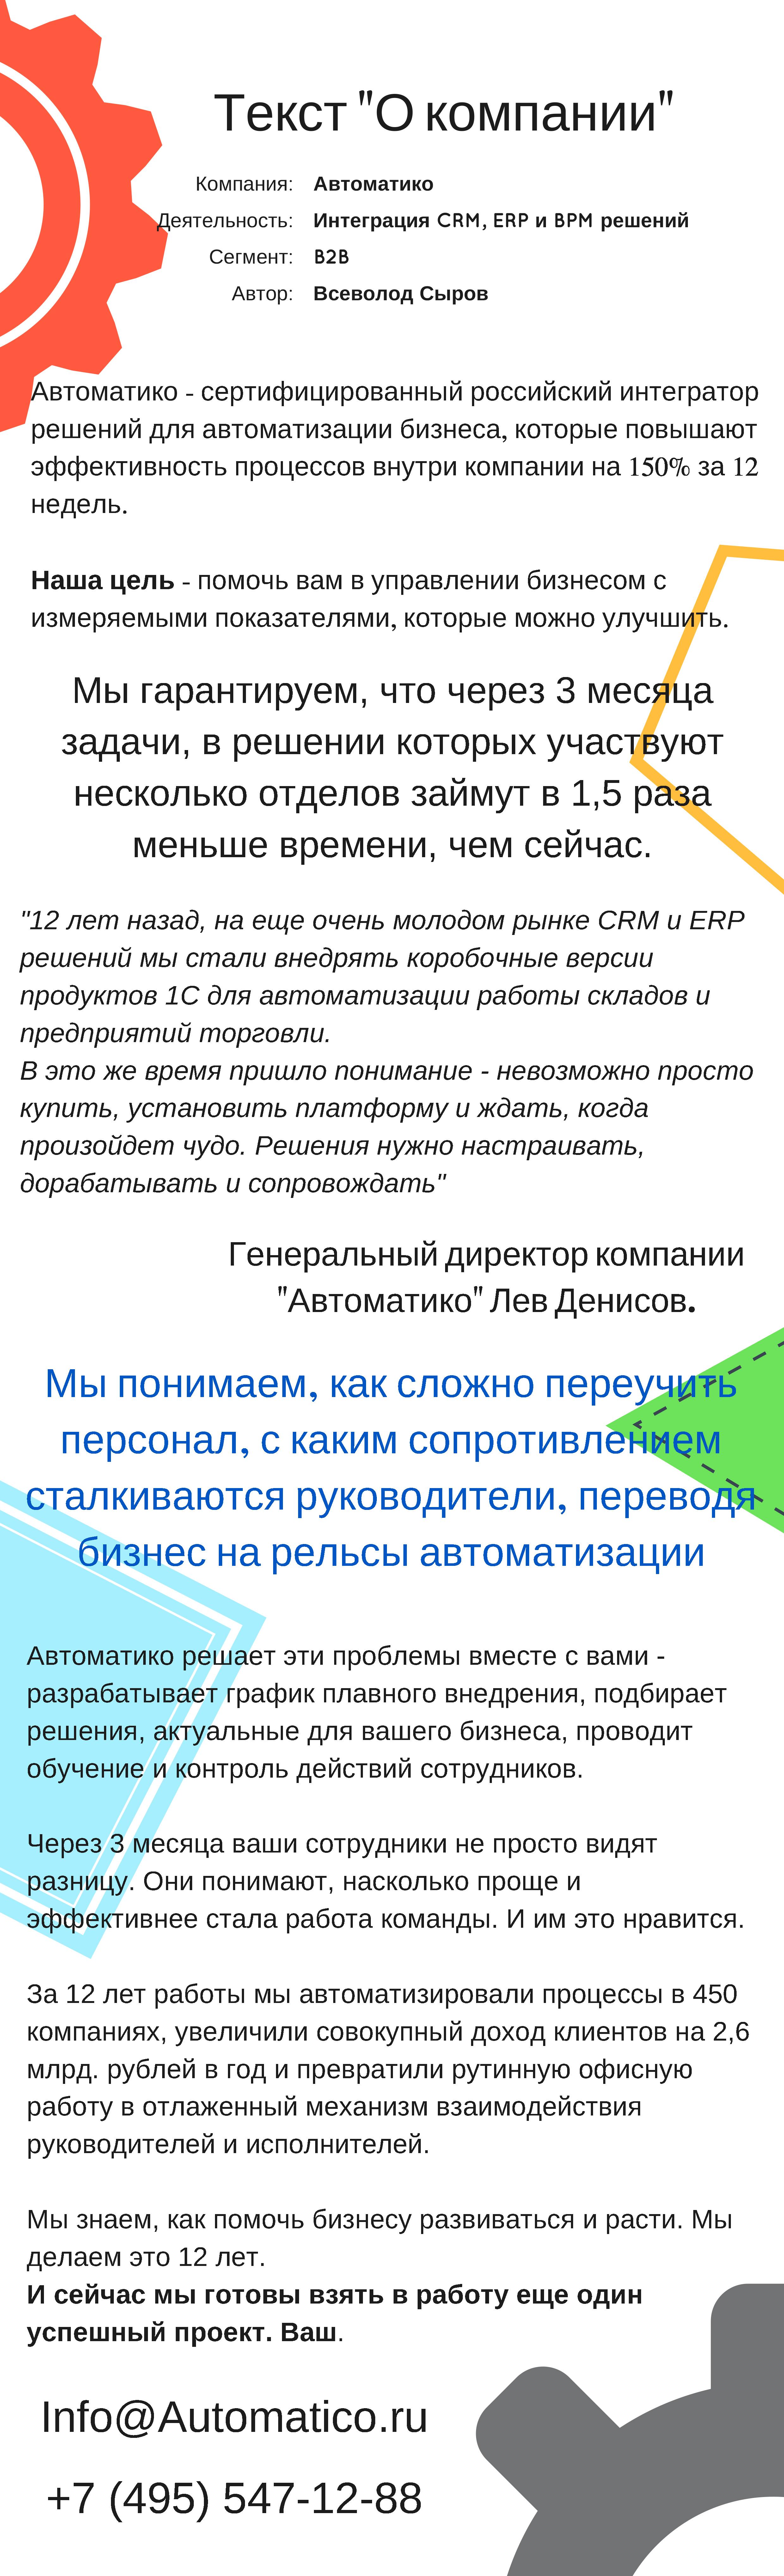 Описание текста B2B по внедрению CRM систем